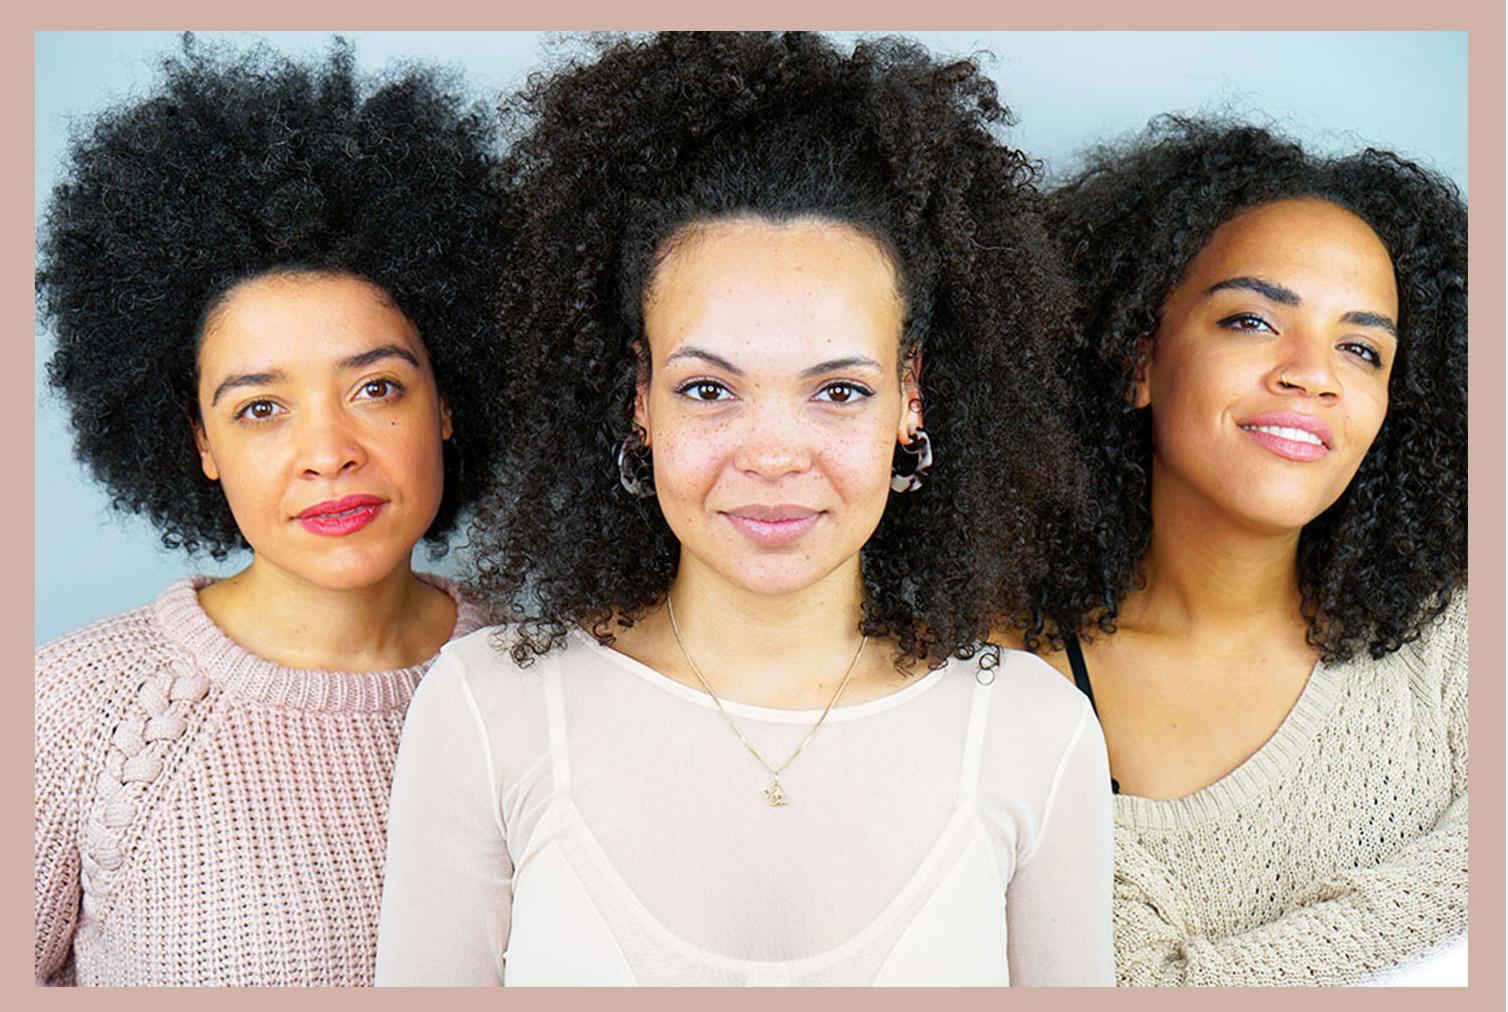 RosaMag - das erste Online-Lifestylemagazin für afrodeutsche Frauen.